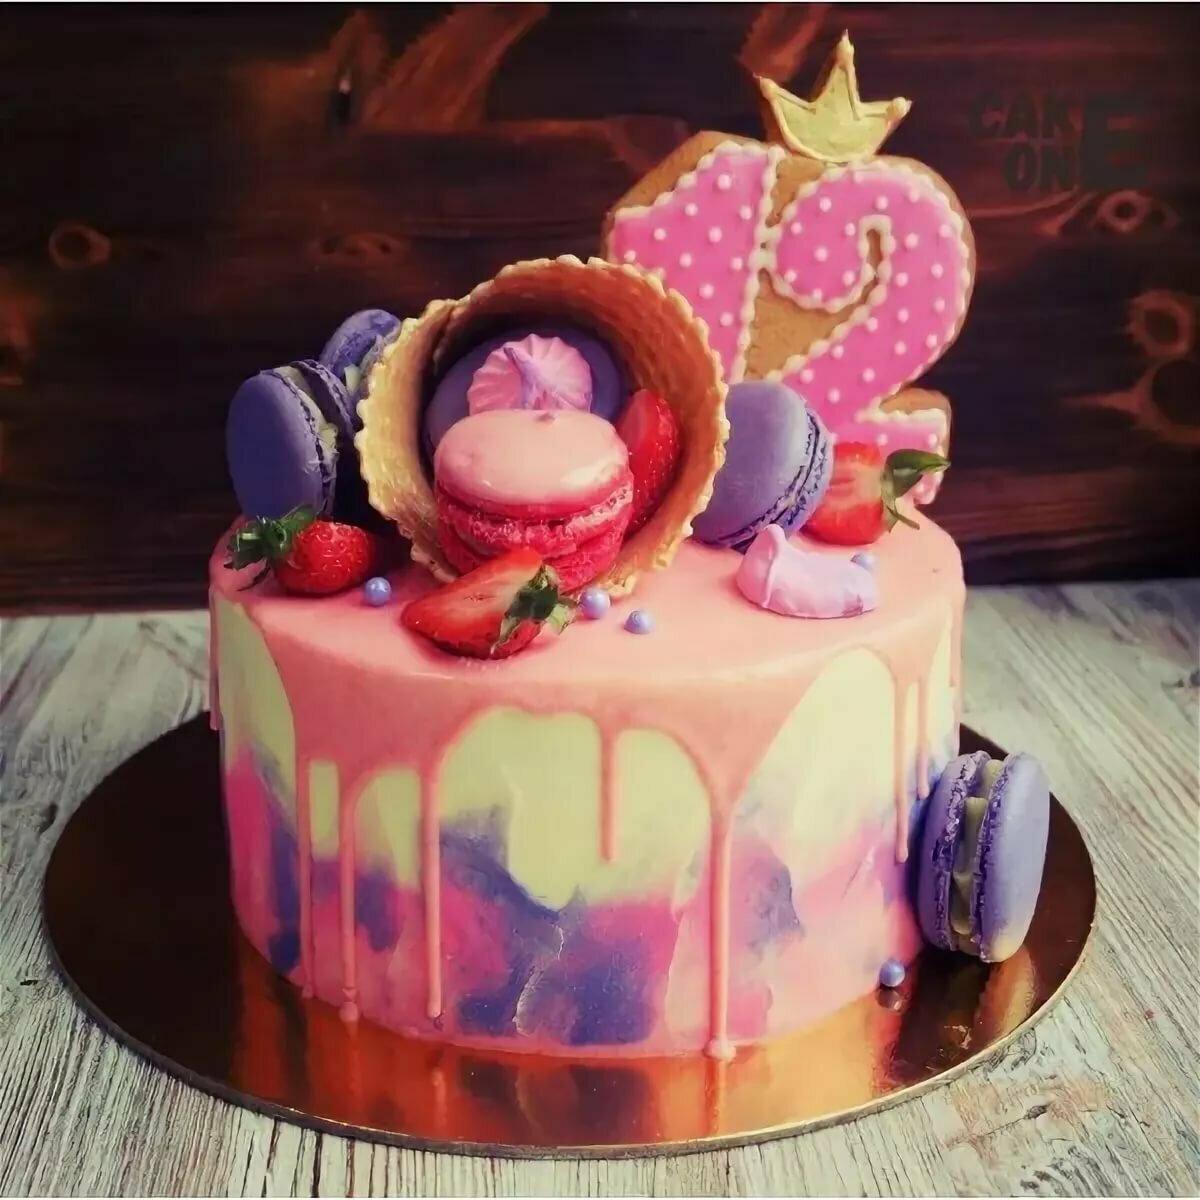 Смотреть картинки тортов на день рождения девочки